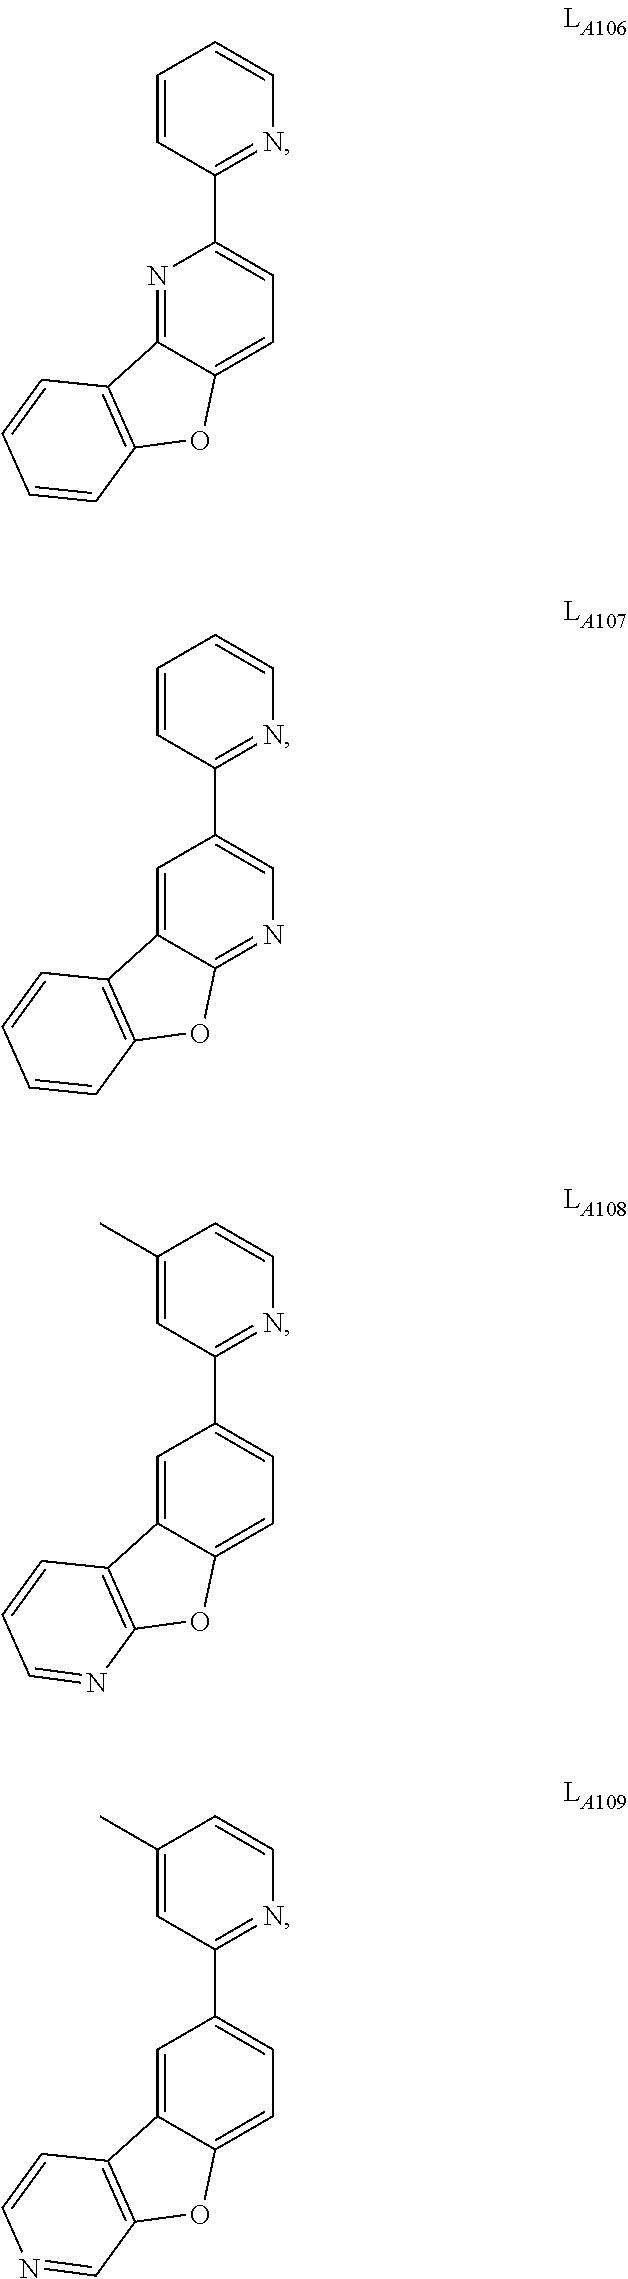 Figure US09634264-20170425-C00074